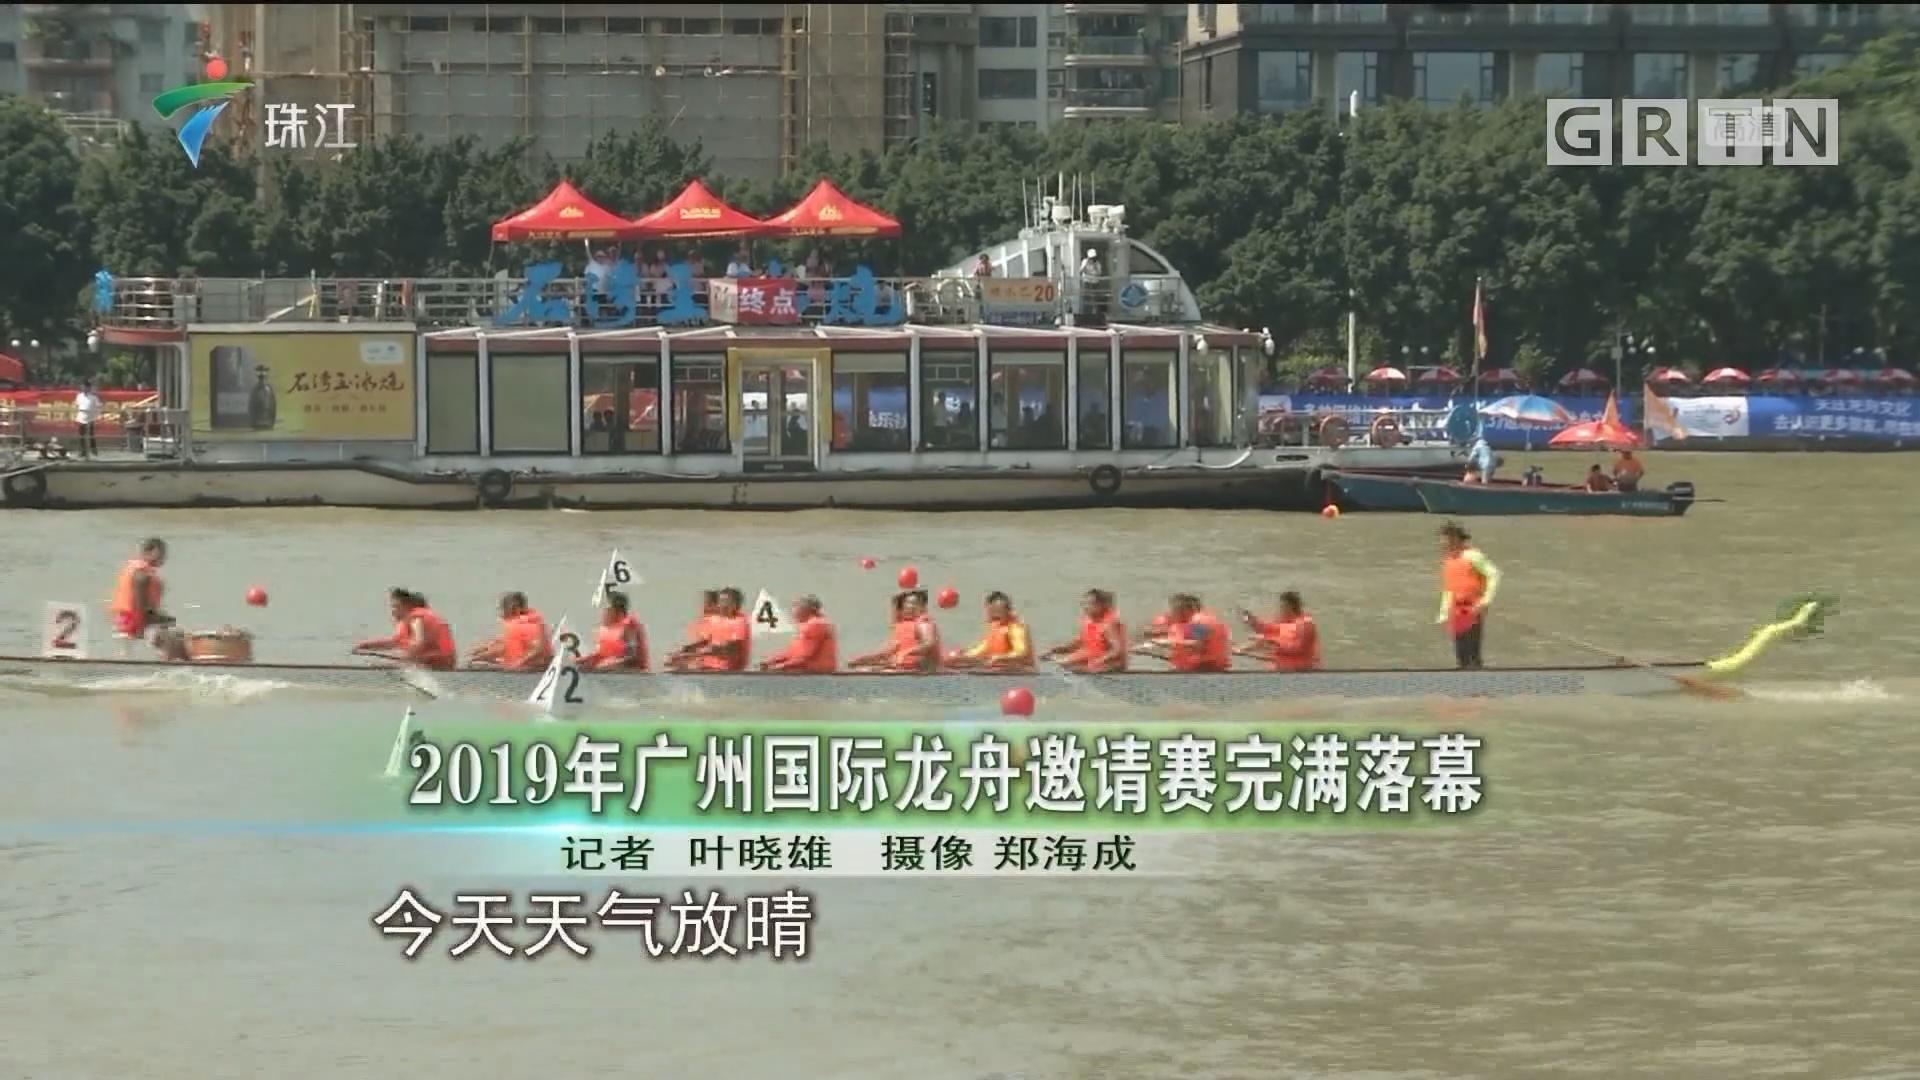 2019年广州国际龙舟邀请赛完满落幕